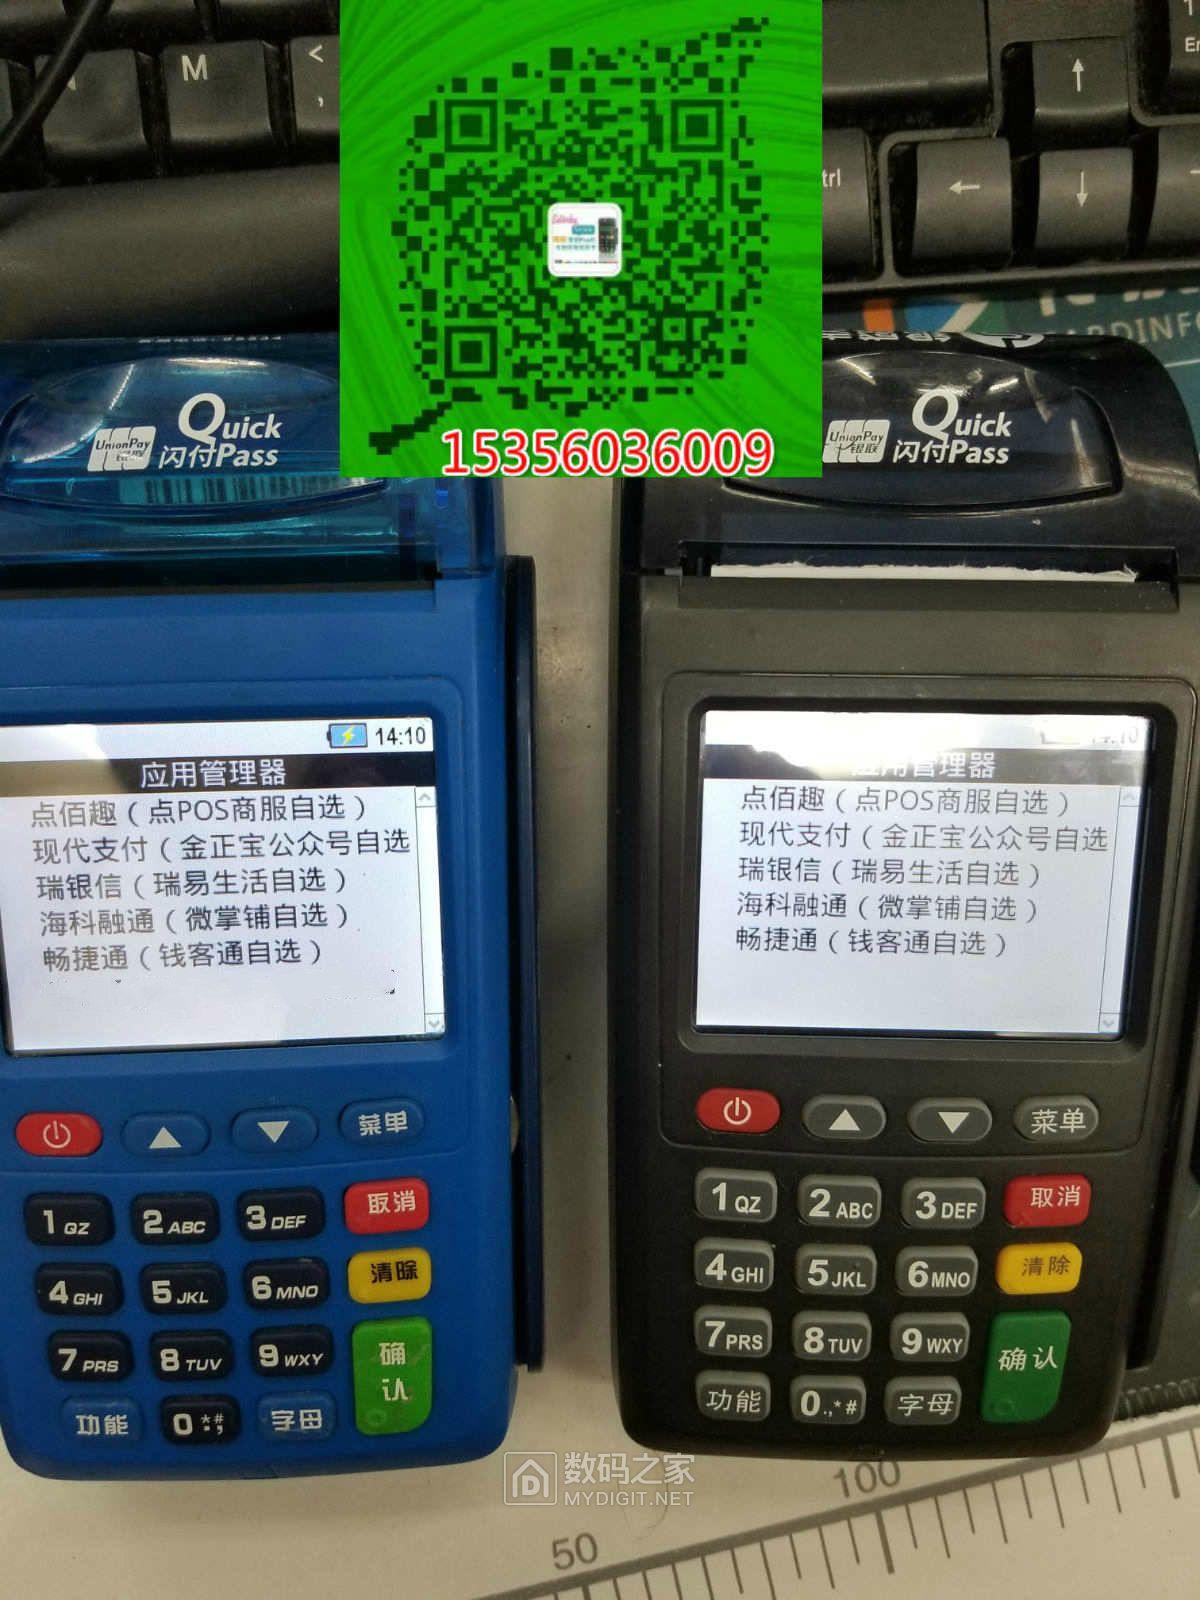 金控金中宝pos 联动优势 畅捷 海科 0.55秒到 7210多平台 自选商户